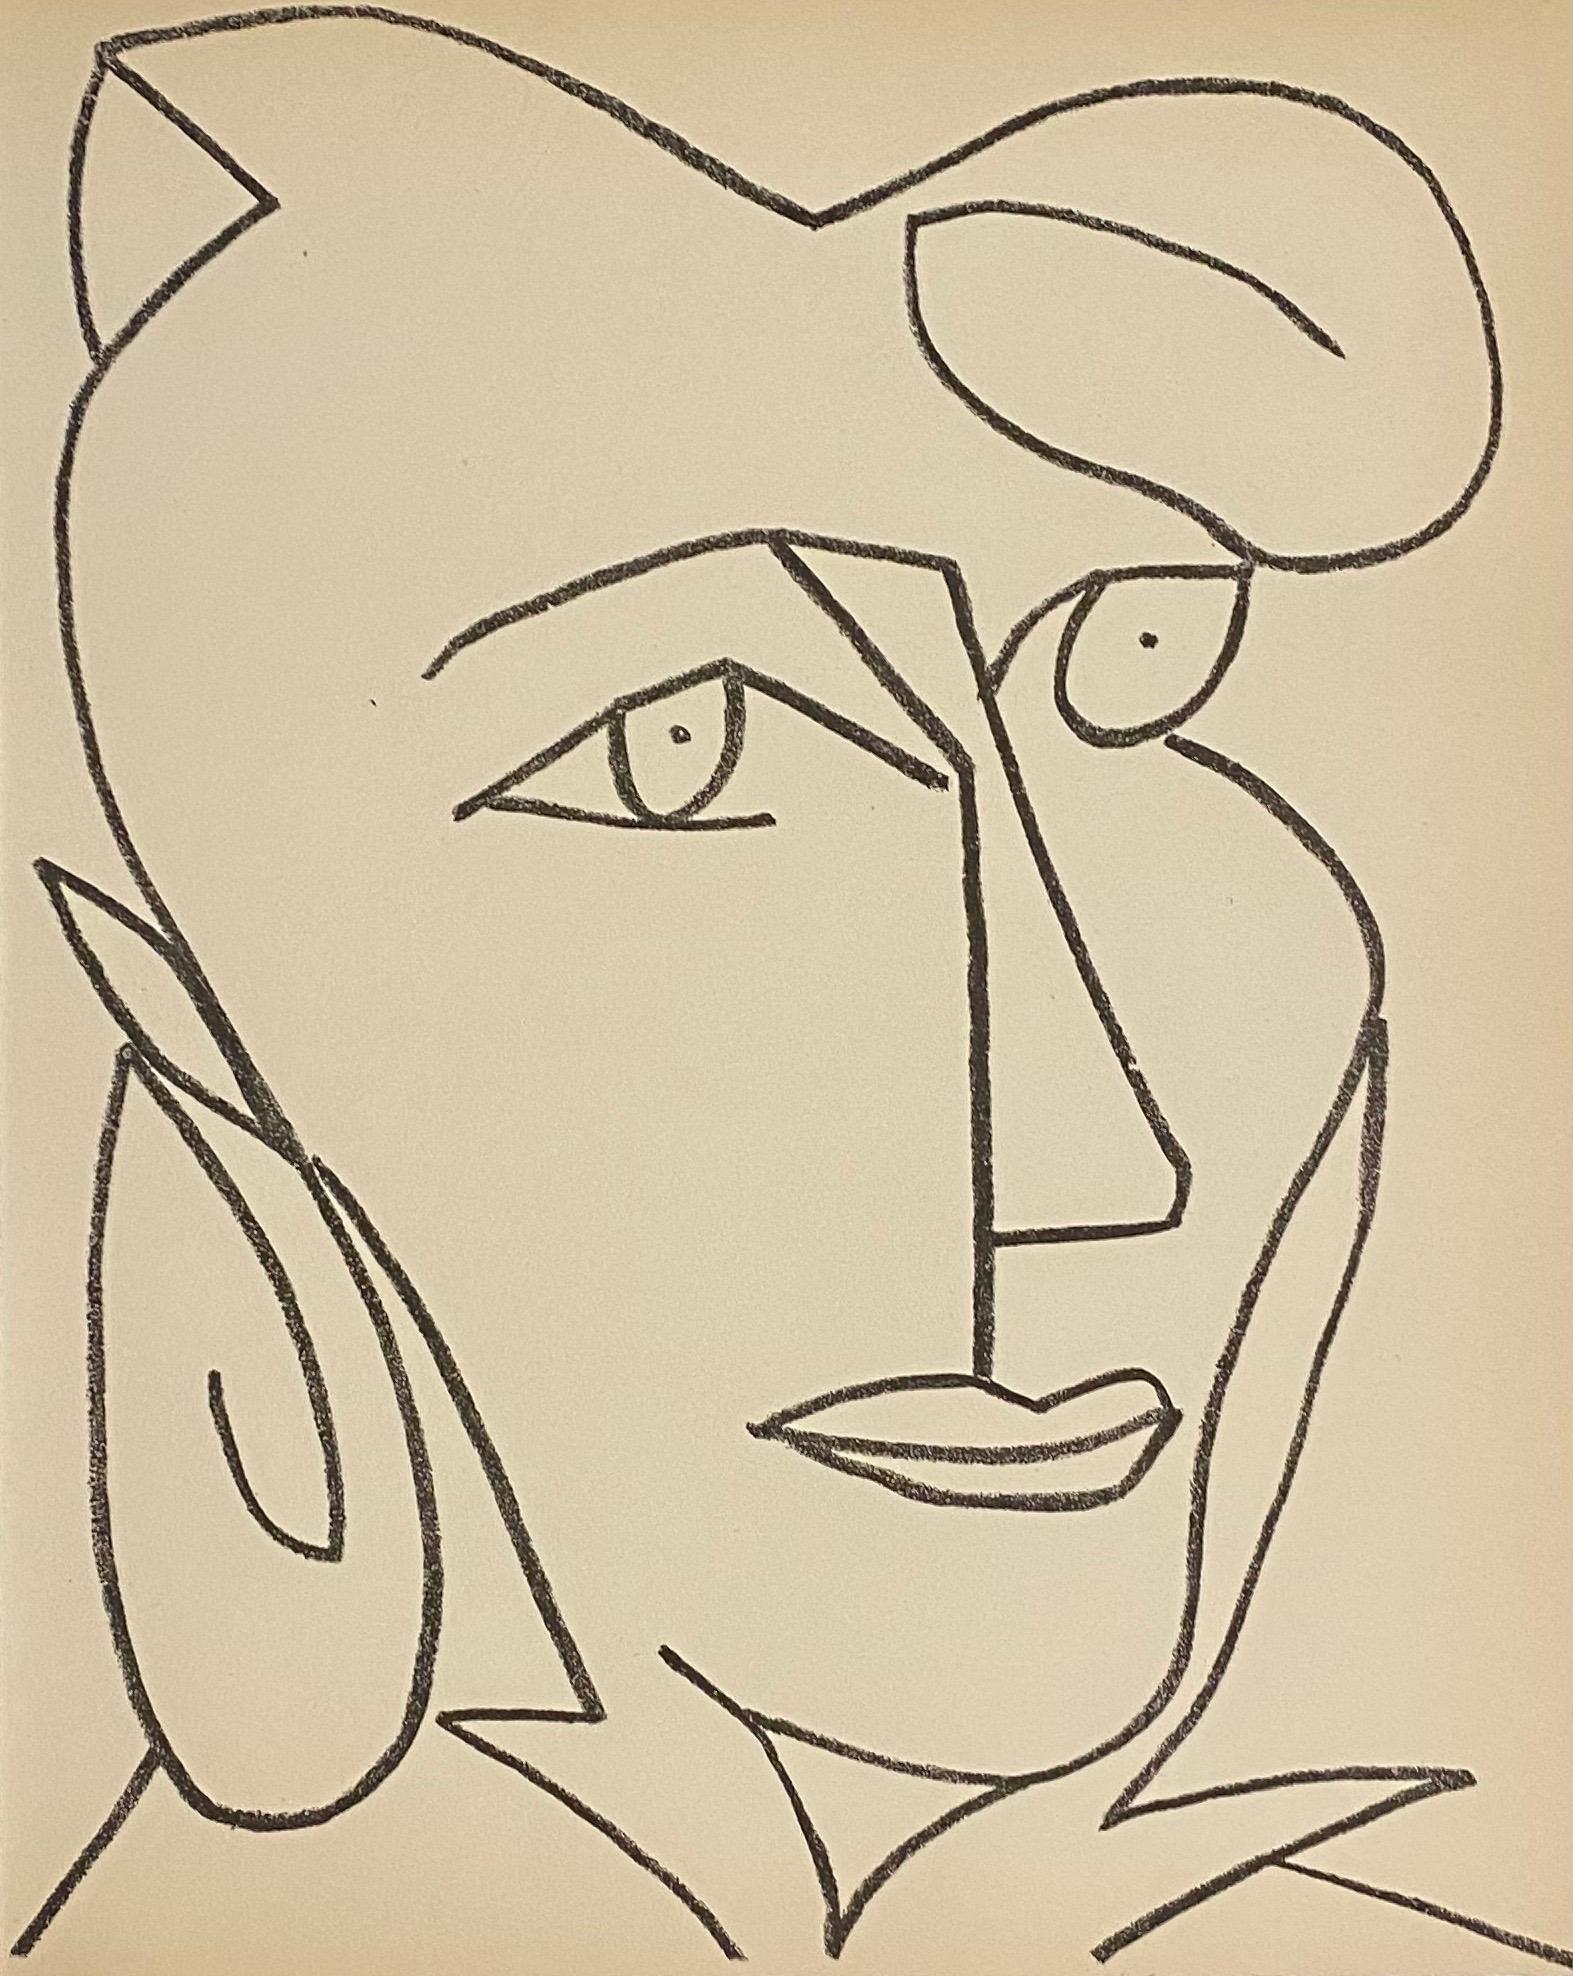 Portrait Woman Original French Mourlot Modernist Lithograph 1951 Francoise Gilot